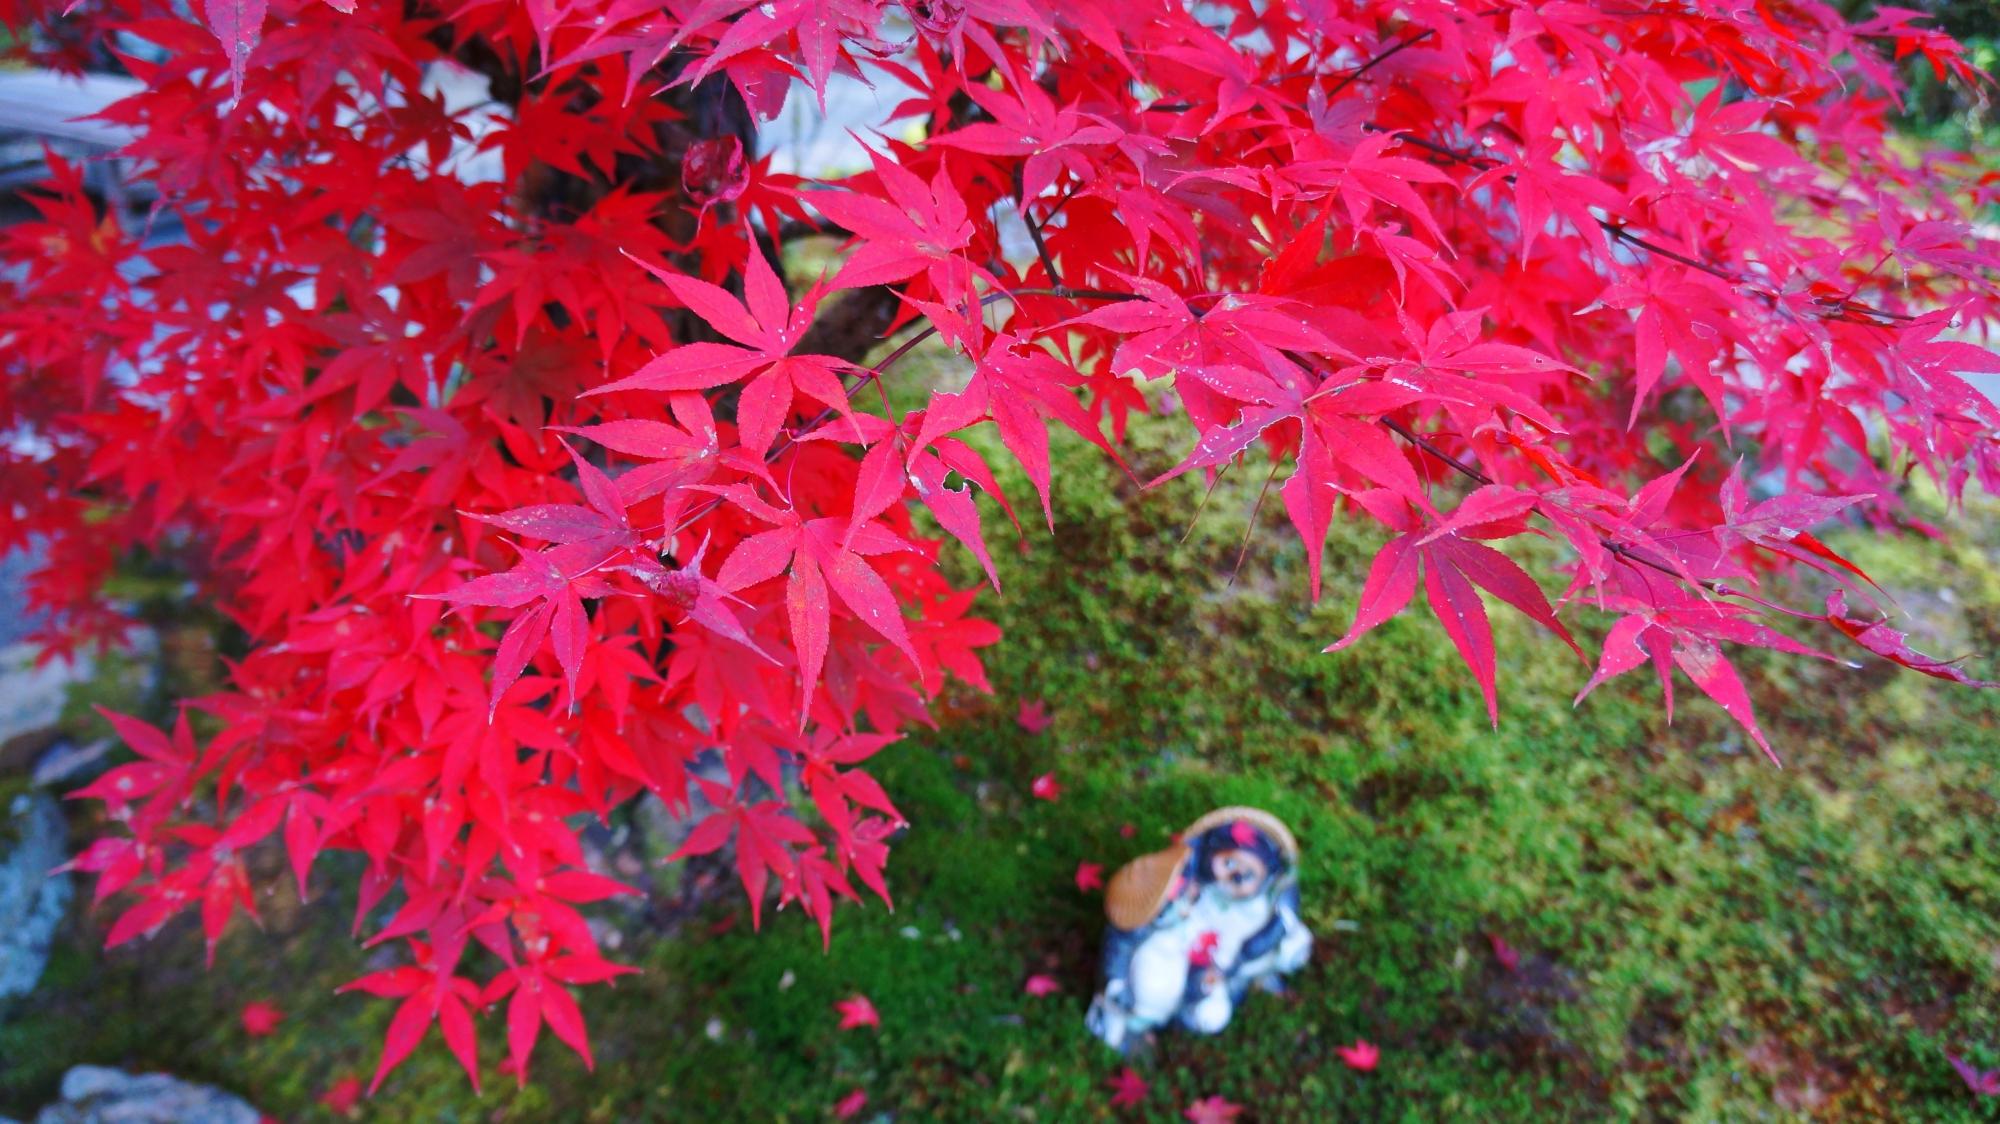 最勝院の狸の上で秋風に揺らめく艶やかな赤い紅葉